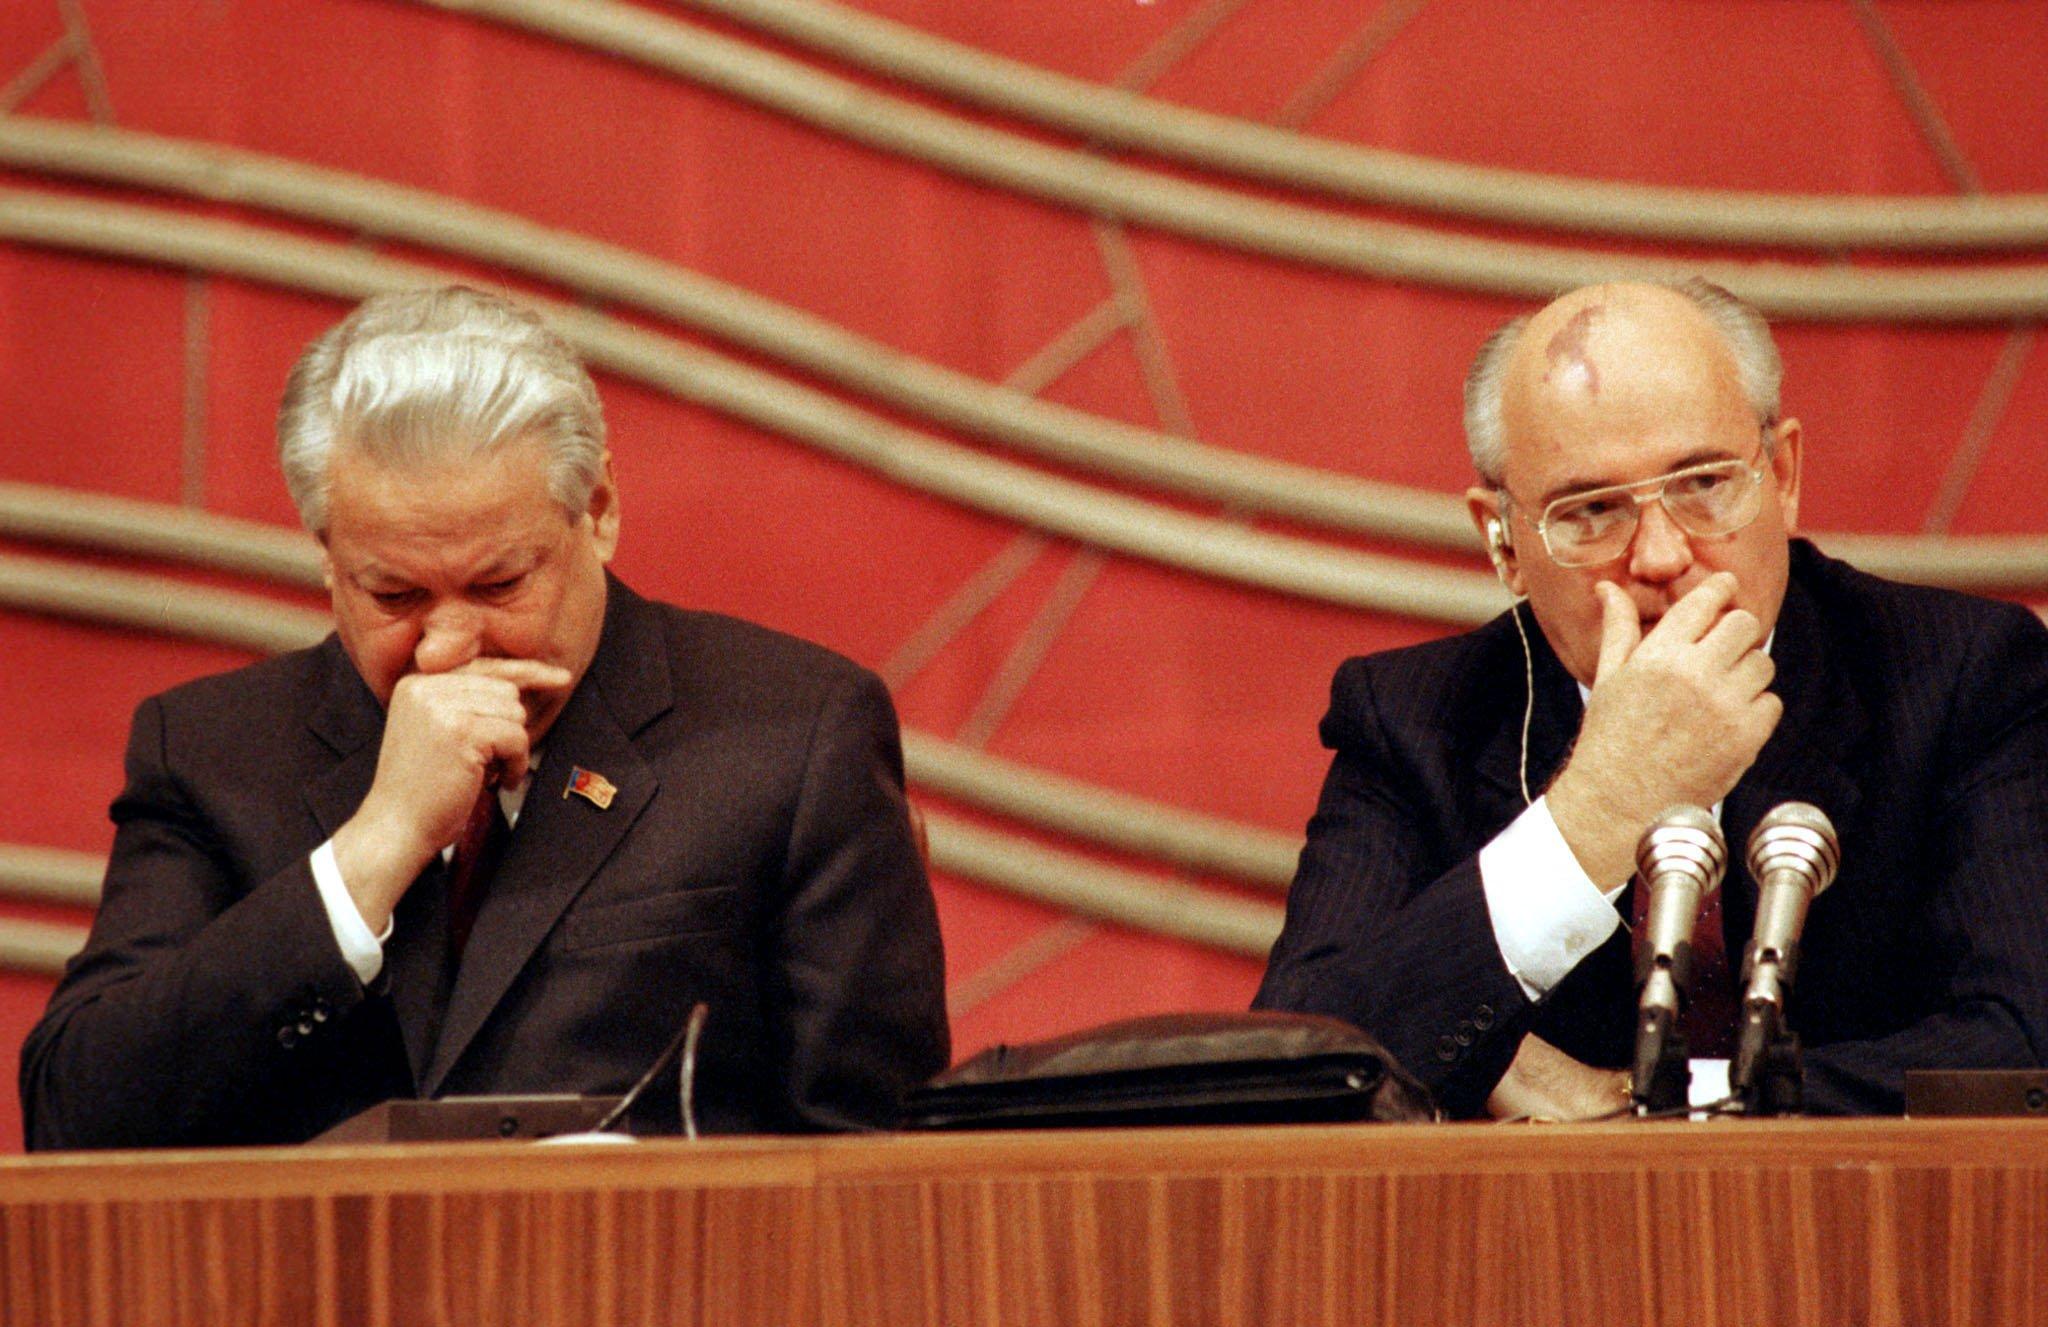 В 1992-м сборная СНГ выиграла МЧМ. Хотя начинала как сборная СССР: страна развалилась прямо во время турнира